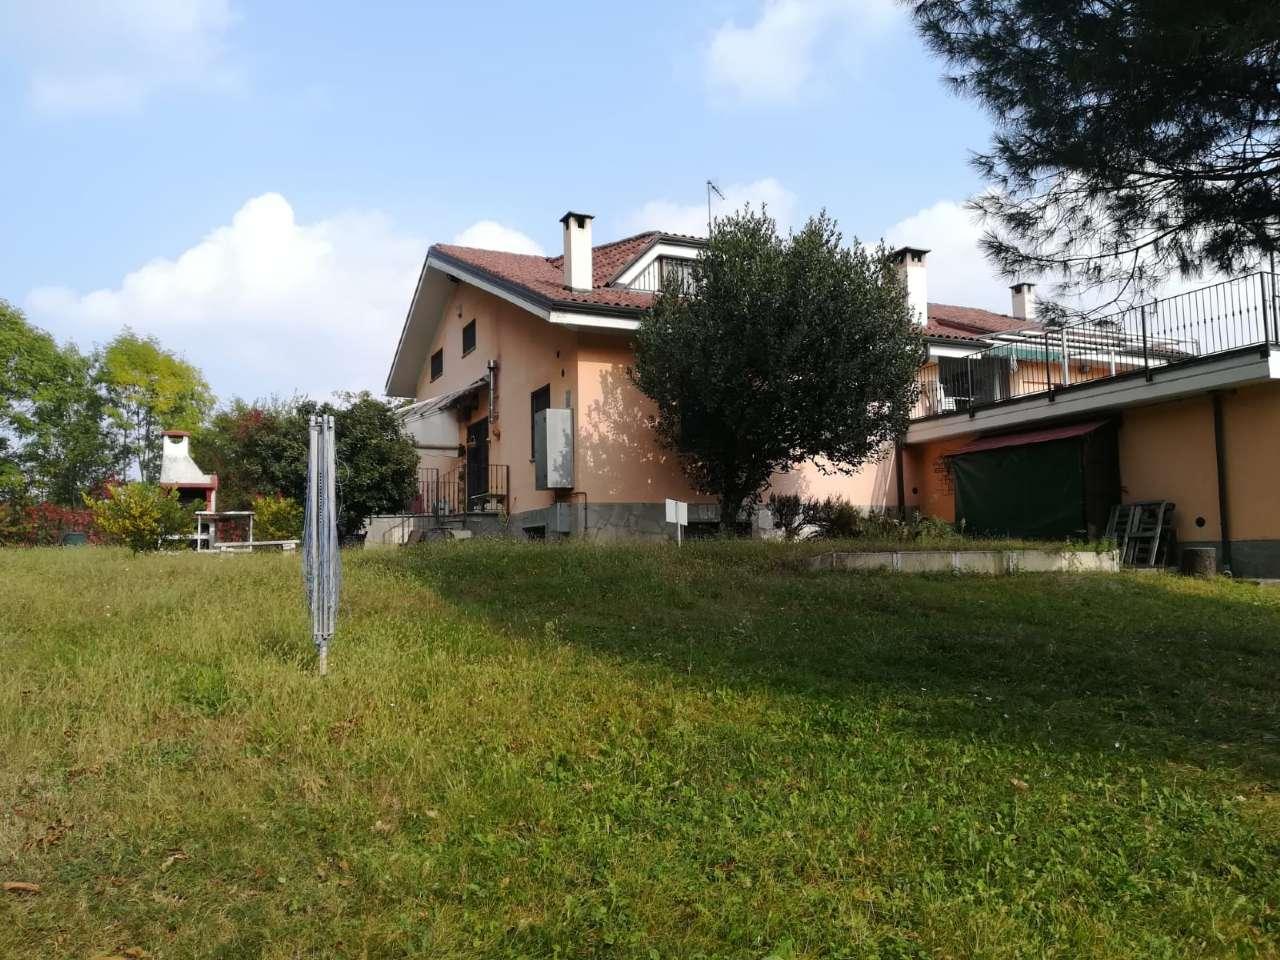 Villa in vendita a Villarbasse, 7 locali, prezzo € 348.000   PortaleAgenzieImmobiliari.it